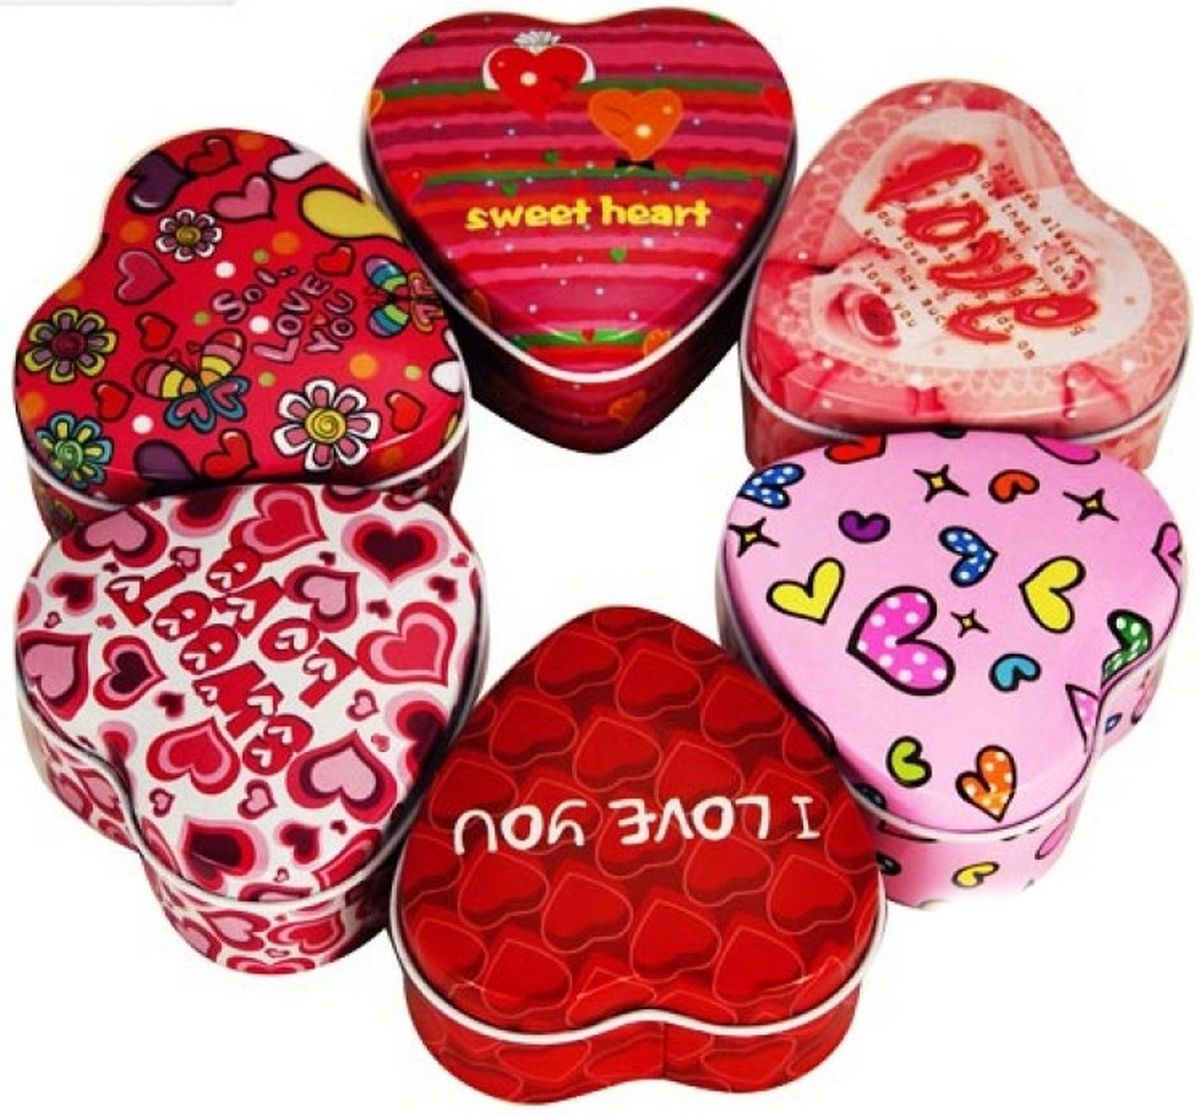 bk toys ltd. Шкатулка для девочек «Сердце» 6 видов E03256